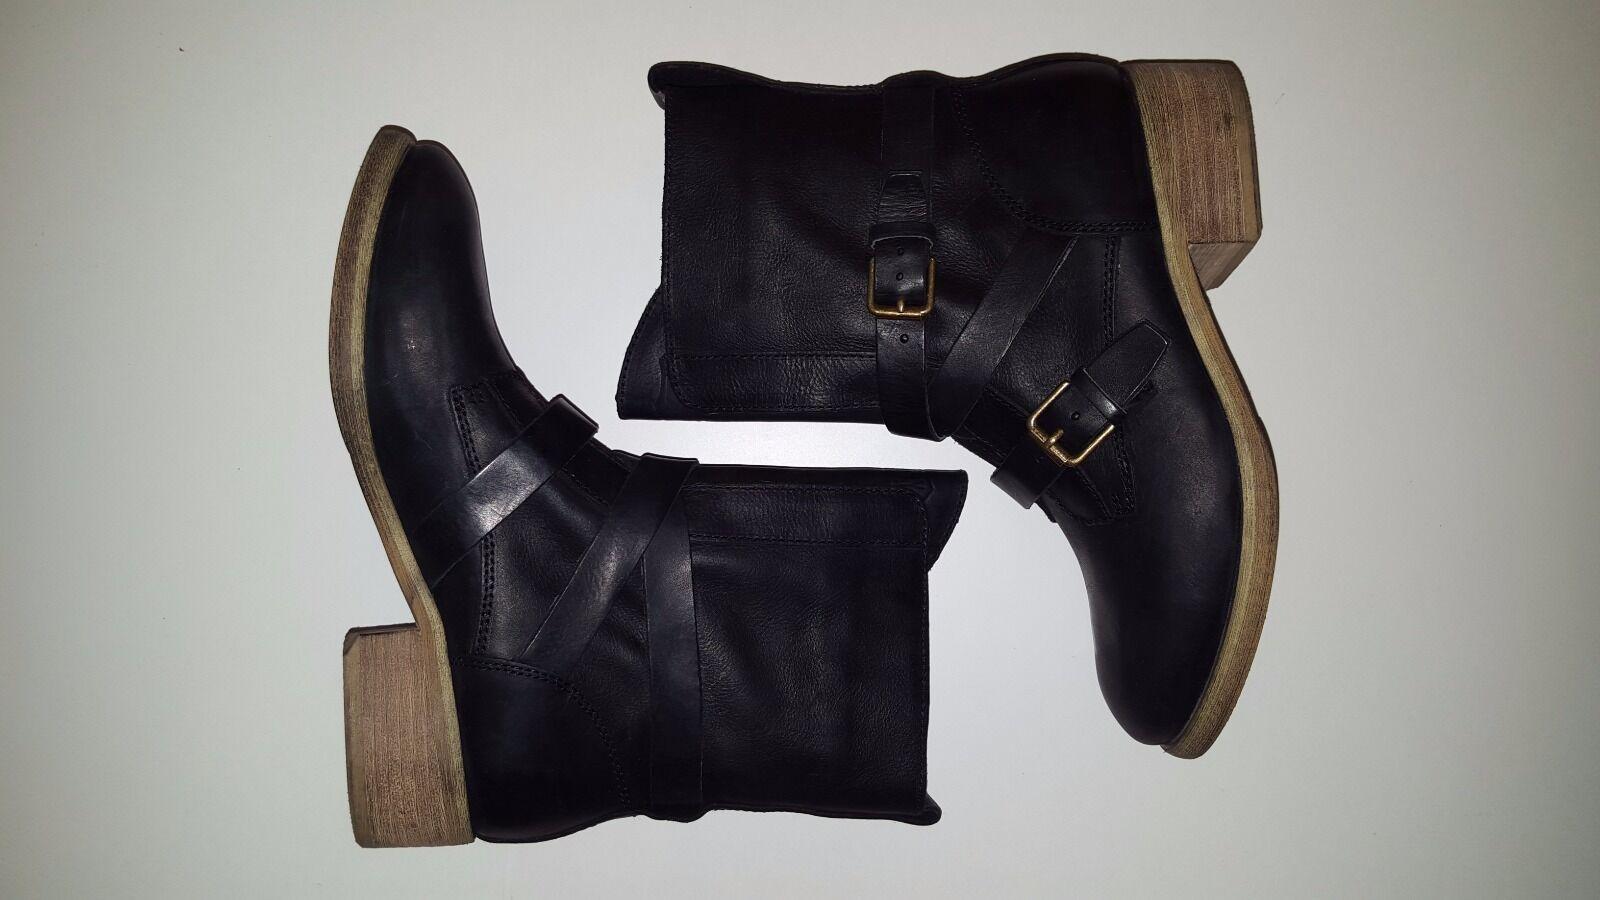 marchi di moda Donna  Denim Denim Denim & Supply Ralph Lauren Thea Buckled Leather avvio, Dimensione 8 -  79  consegna gratuita e veloce disponibile